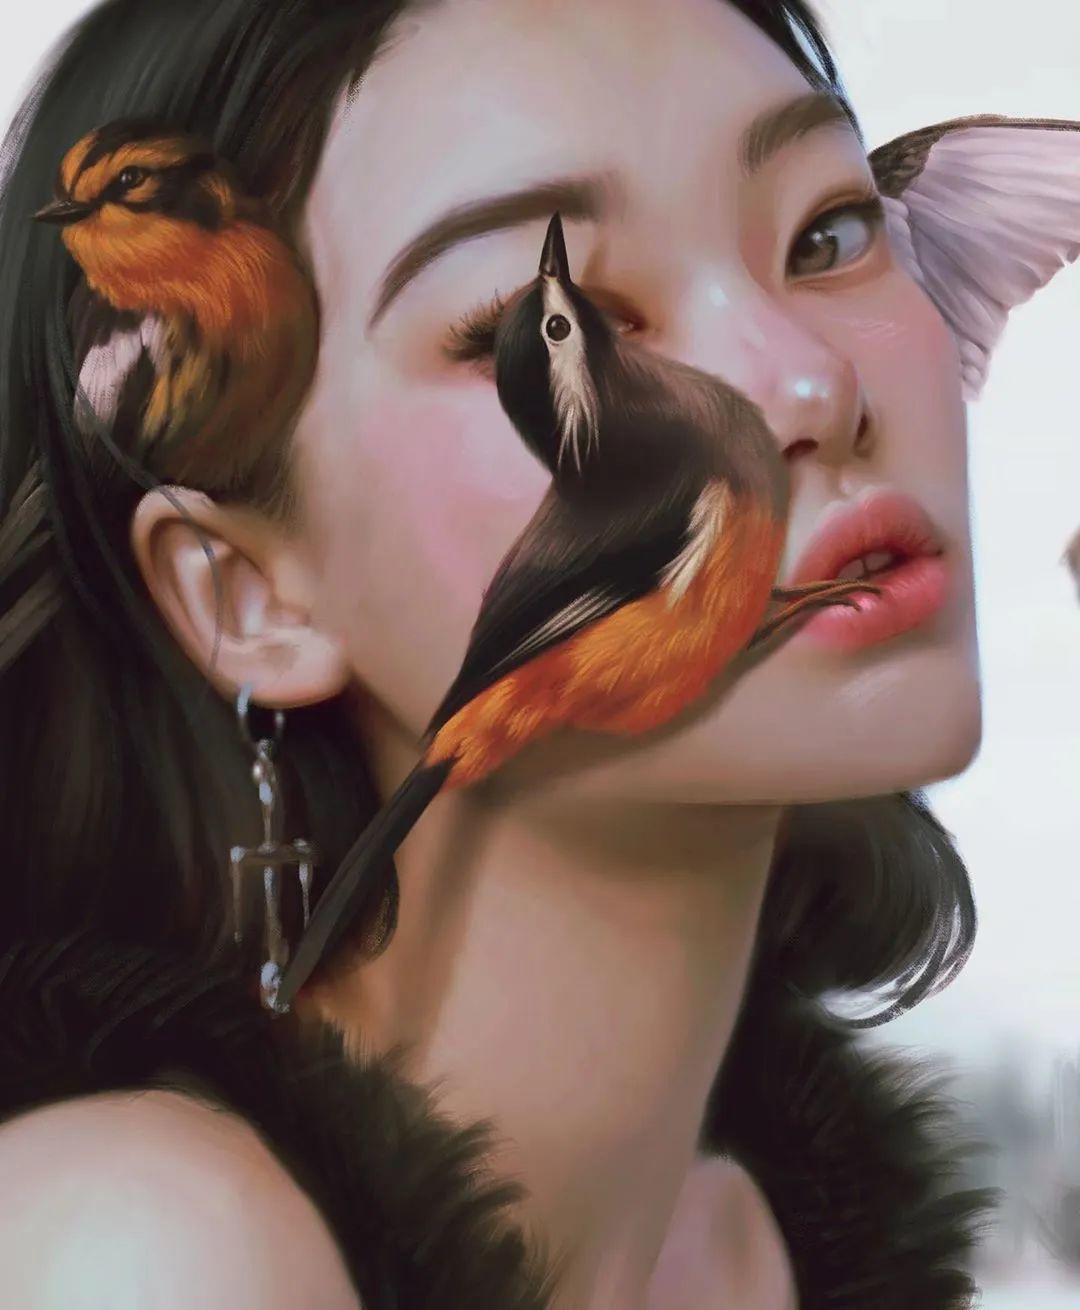 令人惊异的超现实主义肖像画,好有创意!插图41